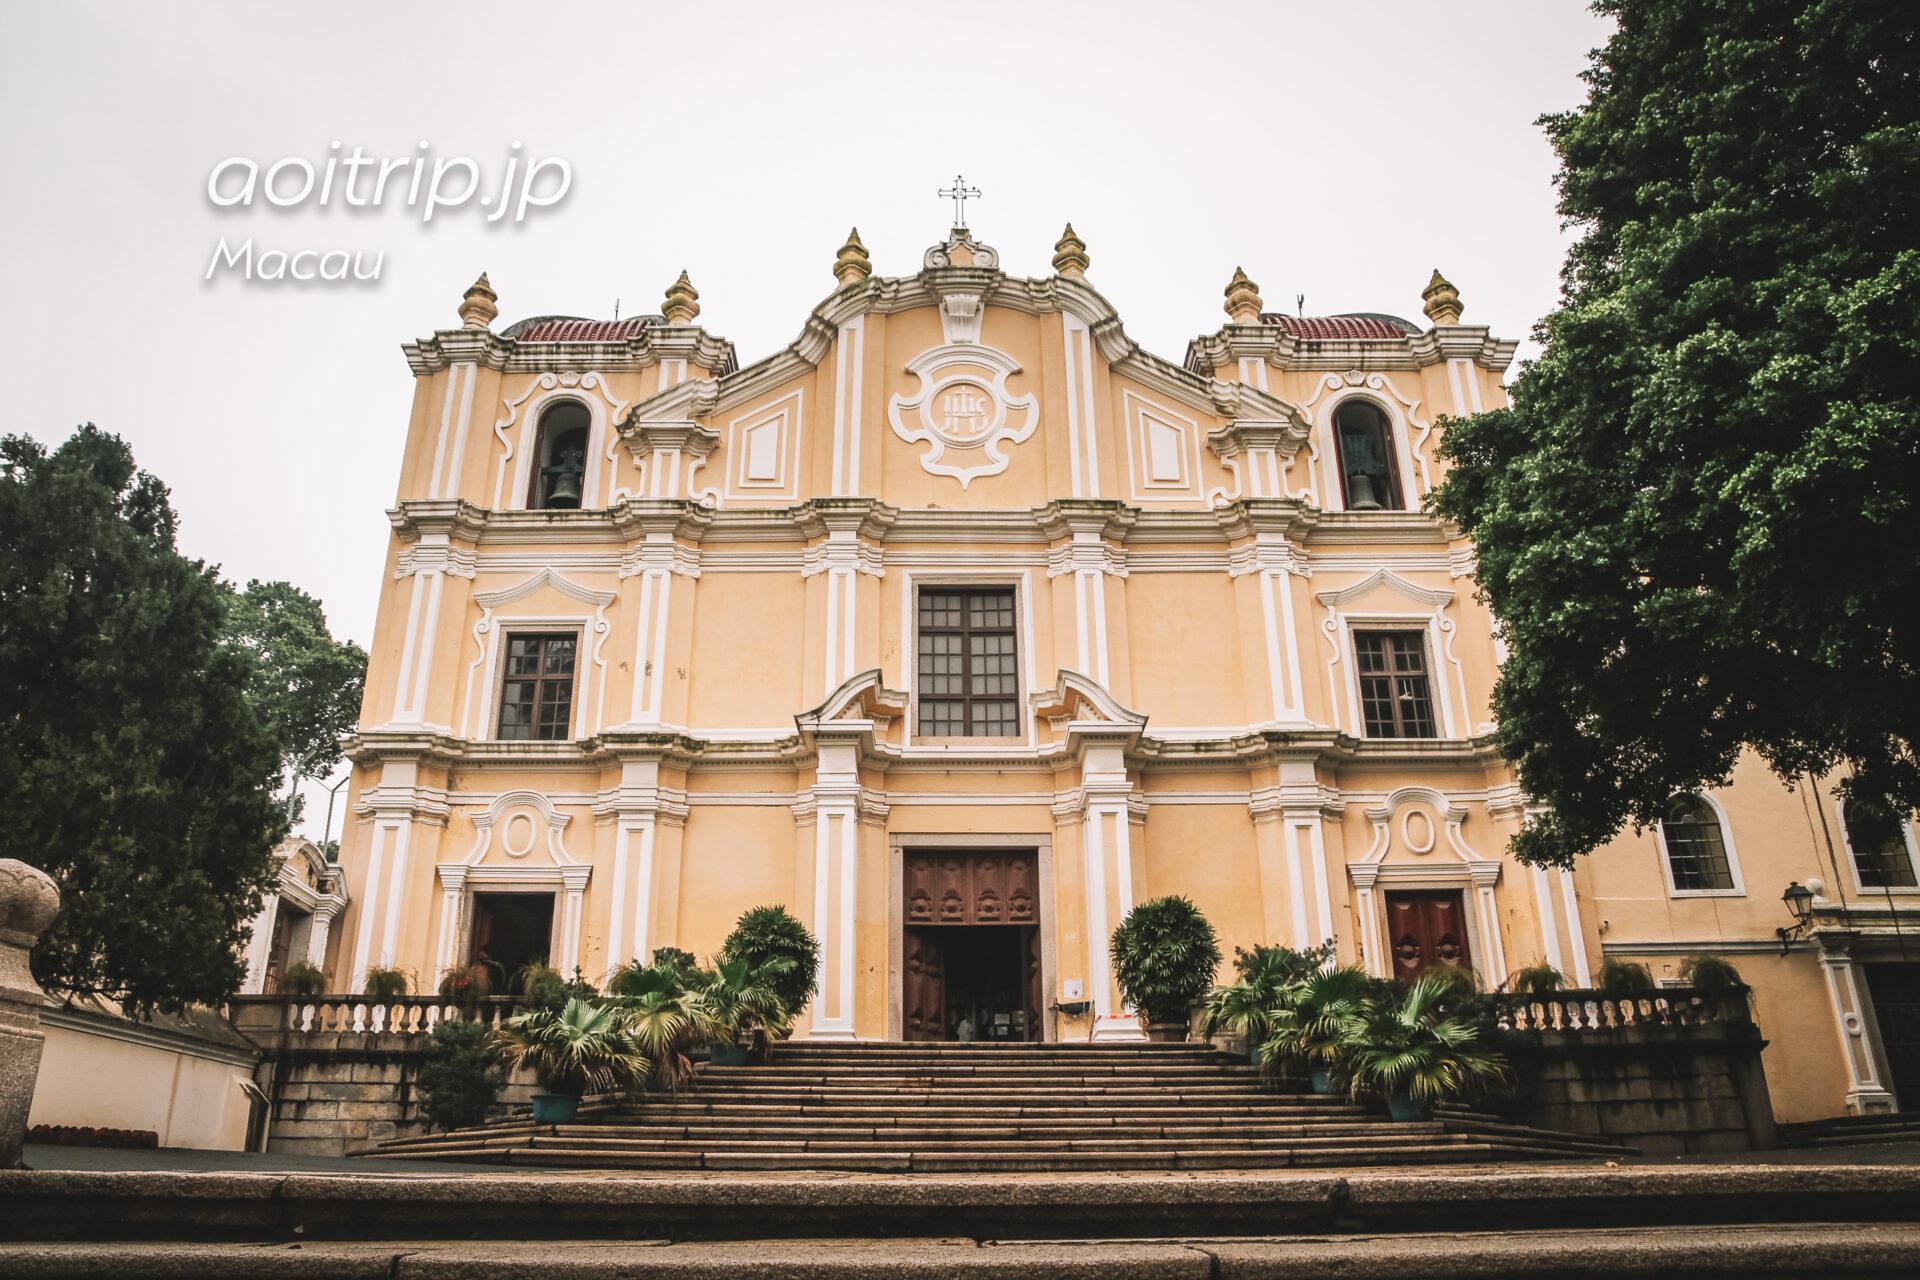 マカオ 聖ヨセフ修道院および聖堂 St. Joseph Seminary and Church